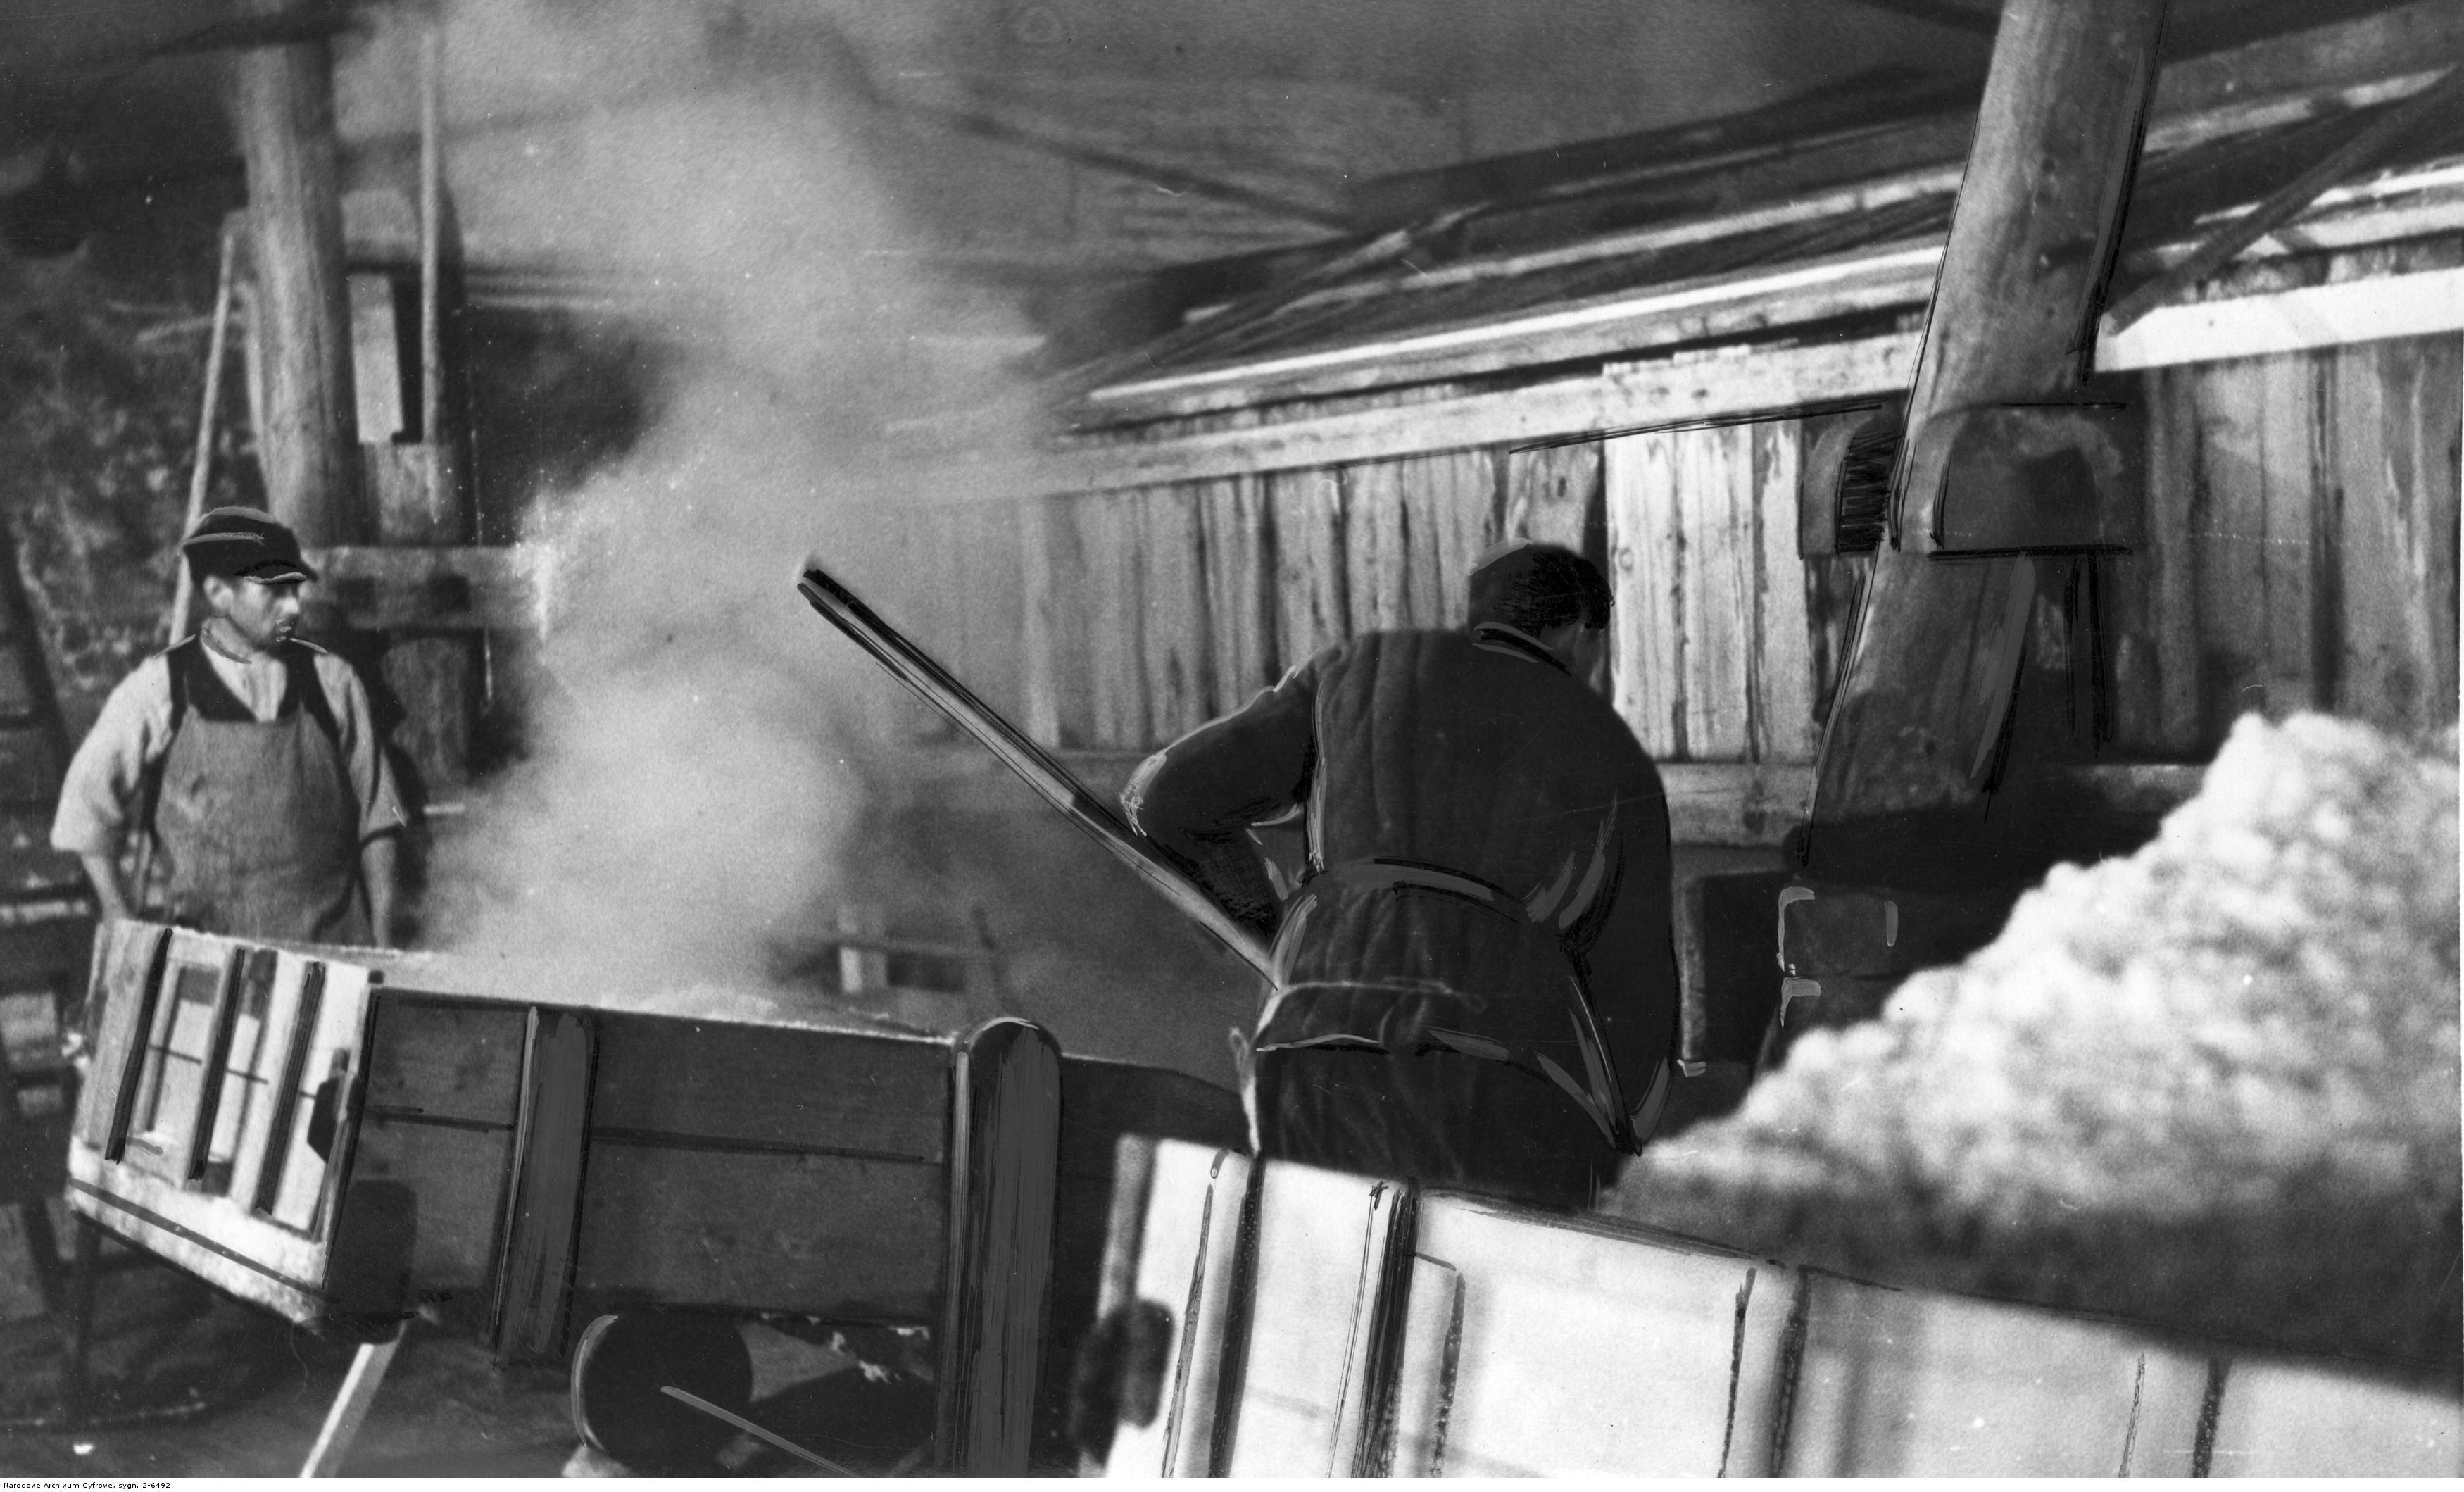 Kopalnia soli potasowych w Kałuszu. Górnicy ładują bryły soli na wagoniki, fot. Narodowe Archiwum Cyfrowe